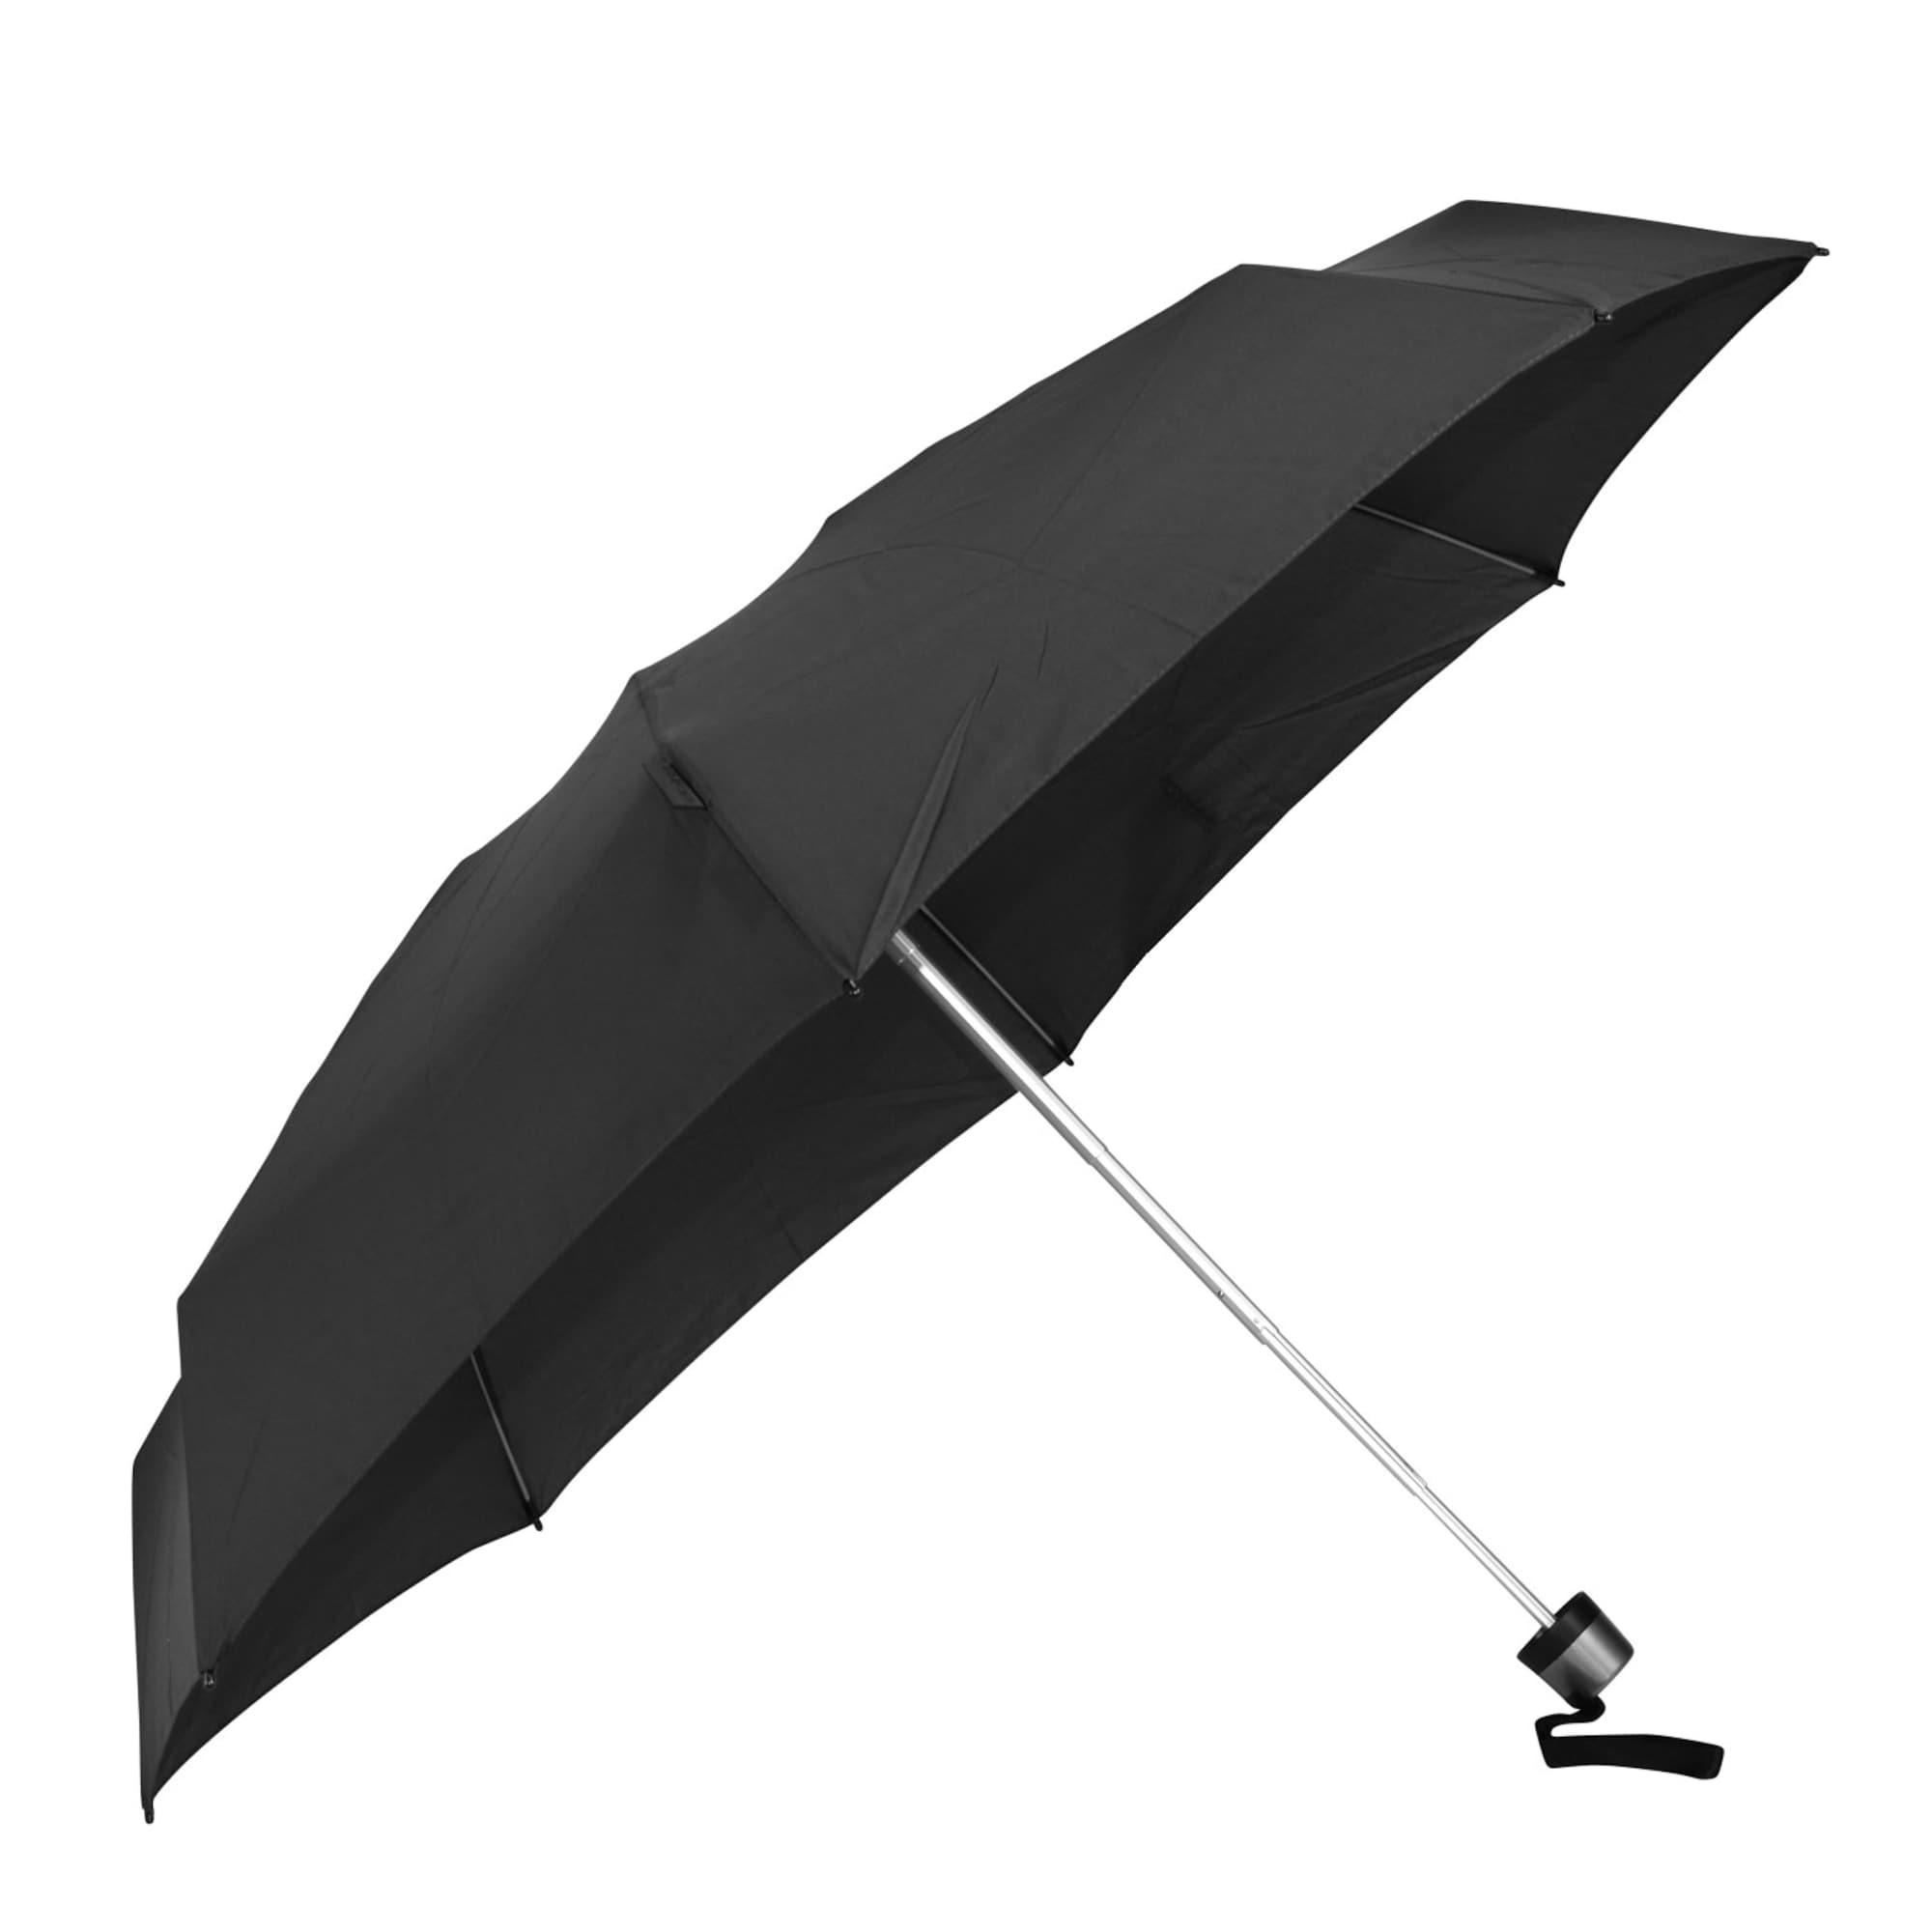 Taschenschirm   Accessoires > Regenschirme   Schwarz   knirps